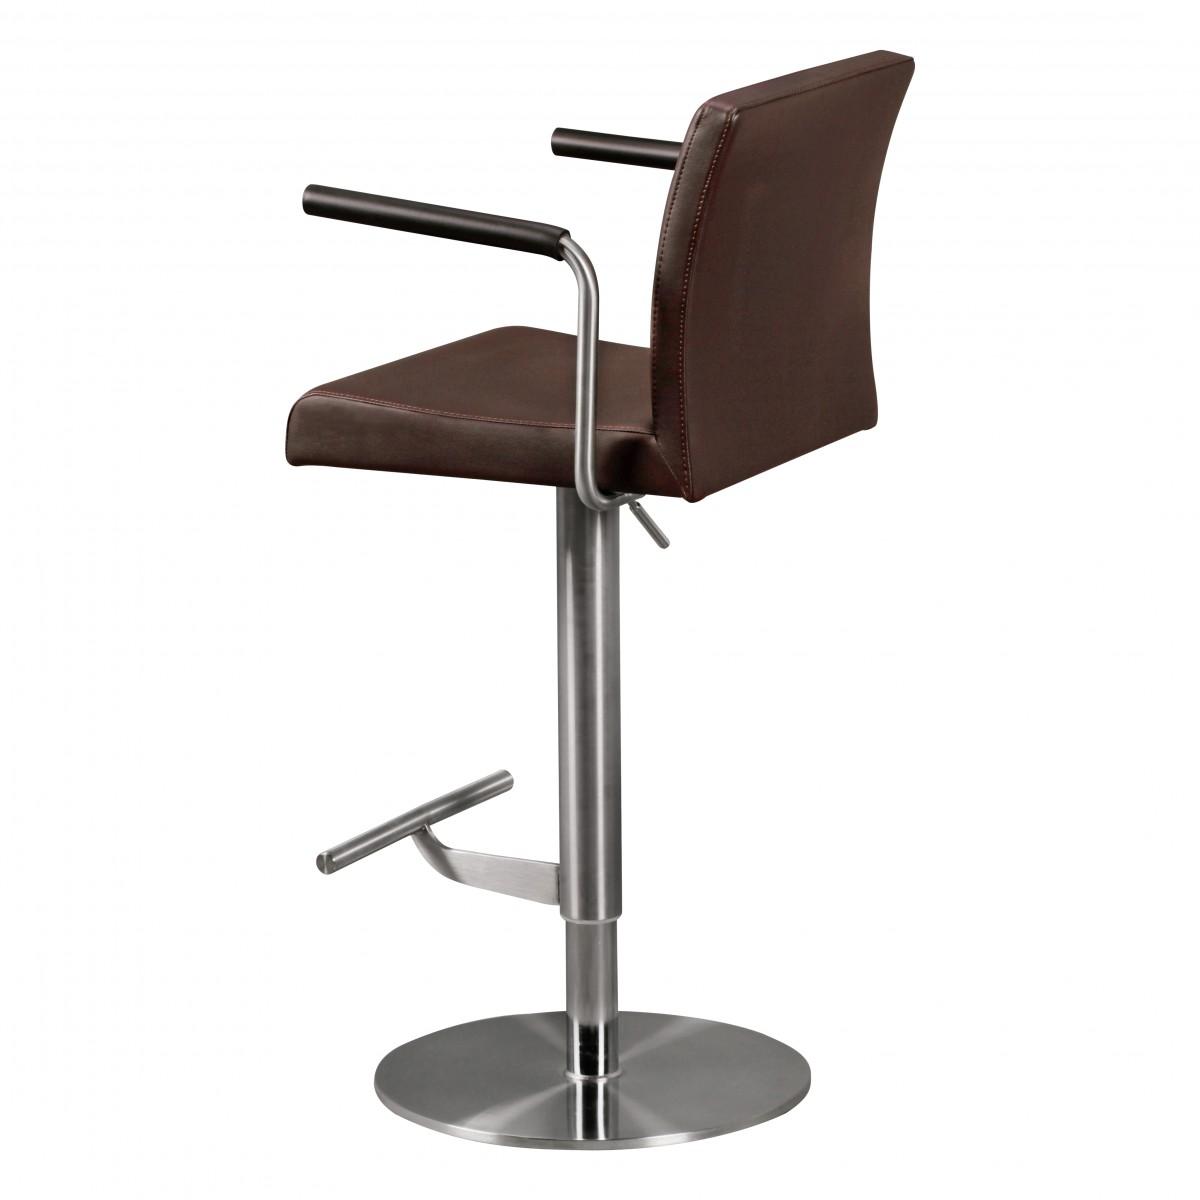 wohnling barhocker edelstahl m3 braun barstuhl. Black Bedroom Furniture Sets. Home Design Ideas